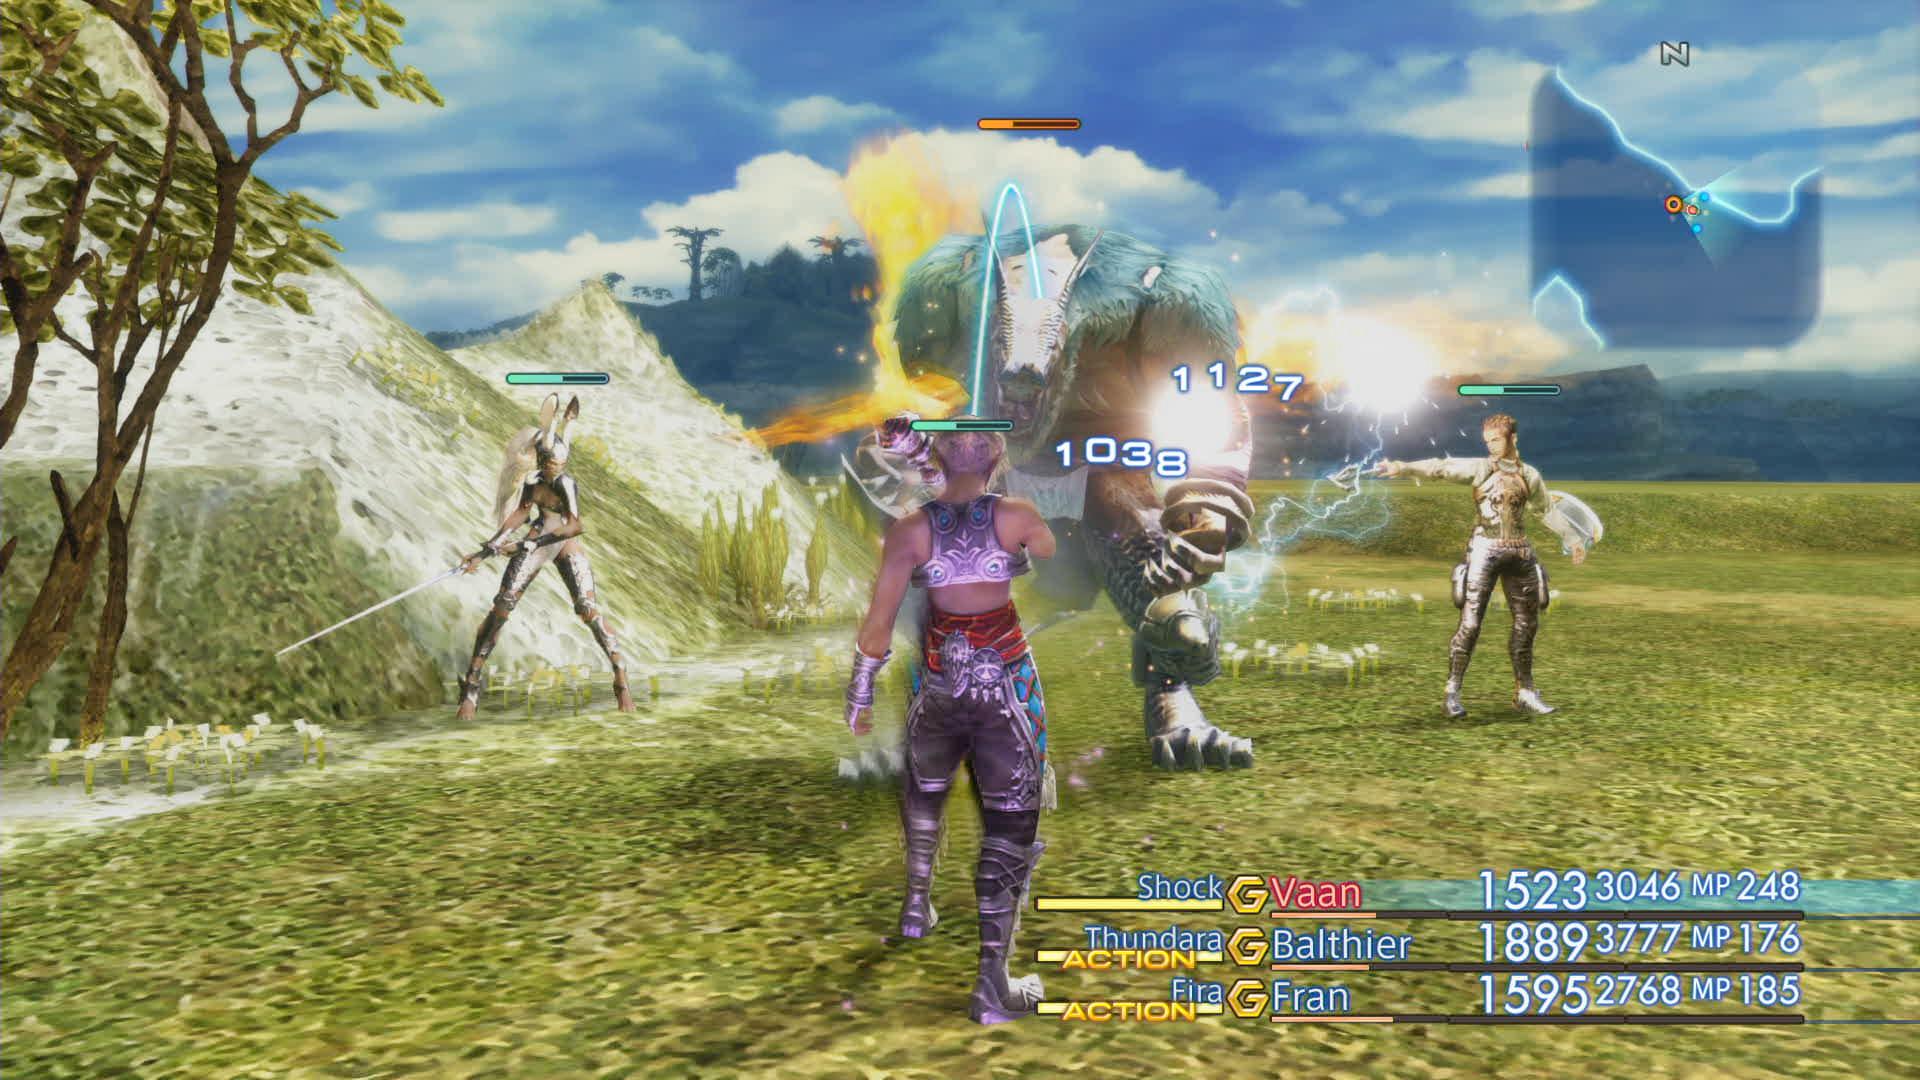 Boje a předělové scény z Final Fantasy XII: The Zodiac Age 142334